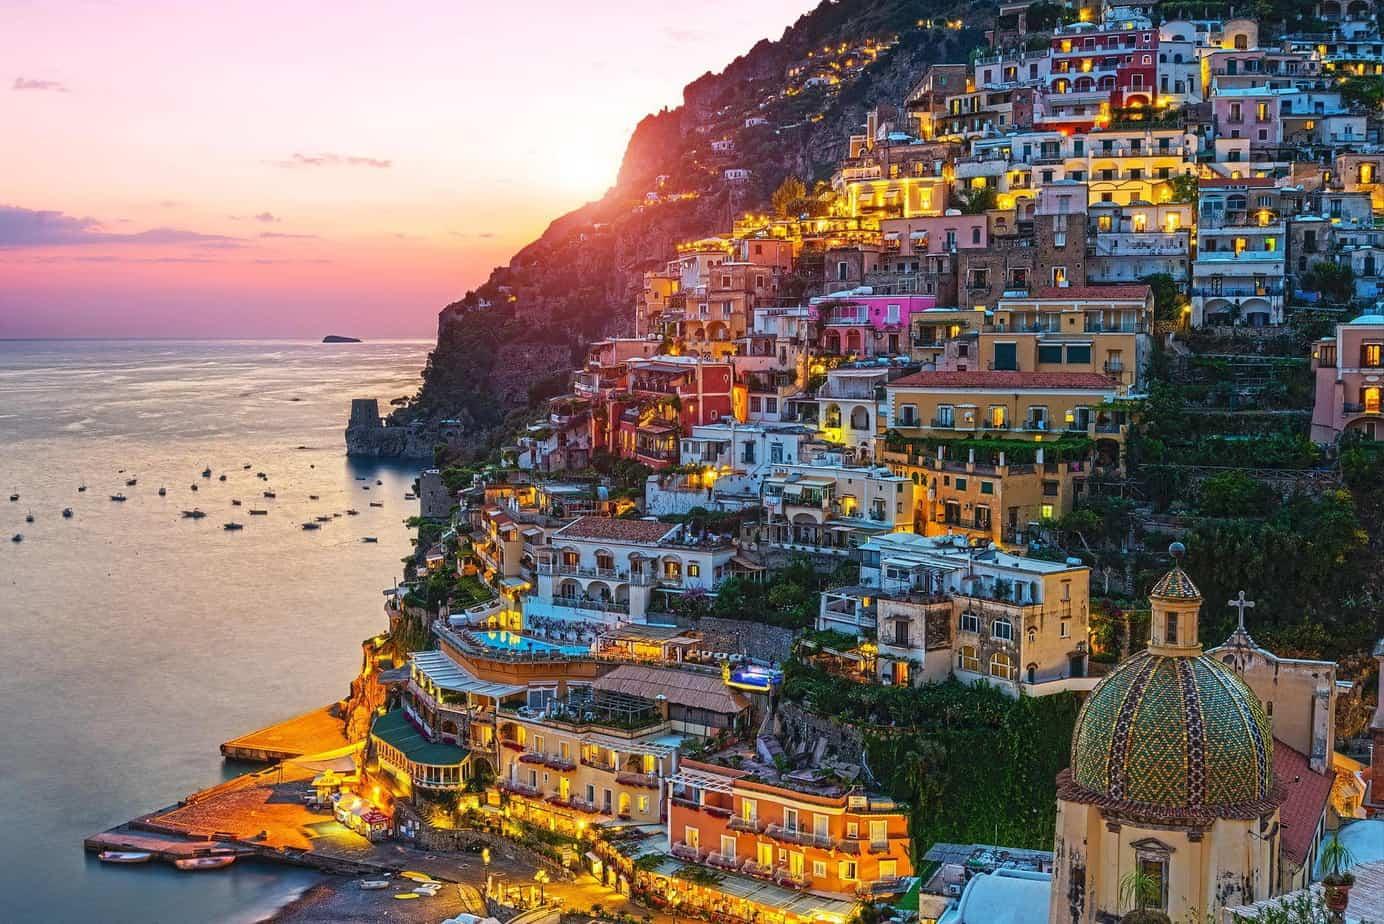 افضل 5 من فنادق نابولي ايطاليا الموصى بها 2020